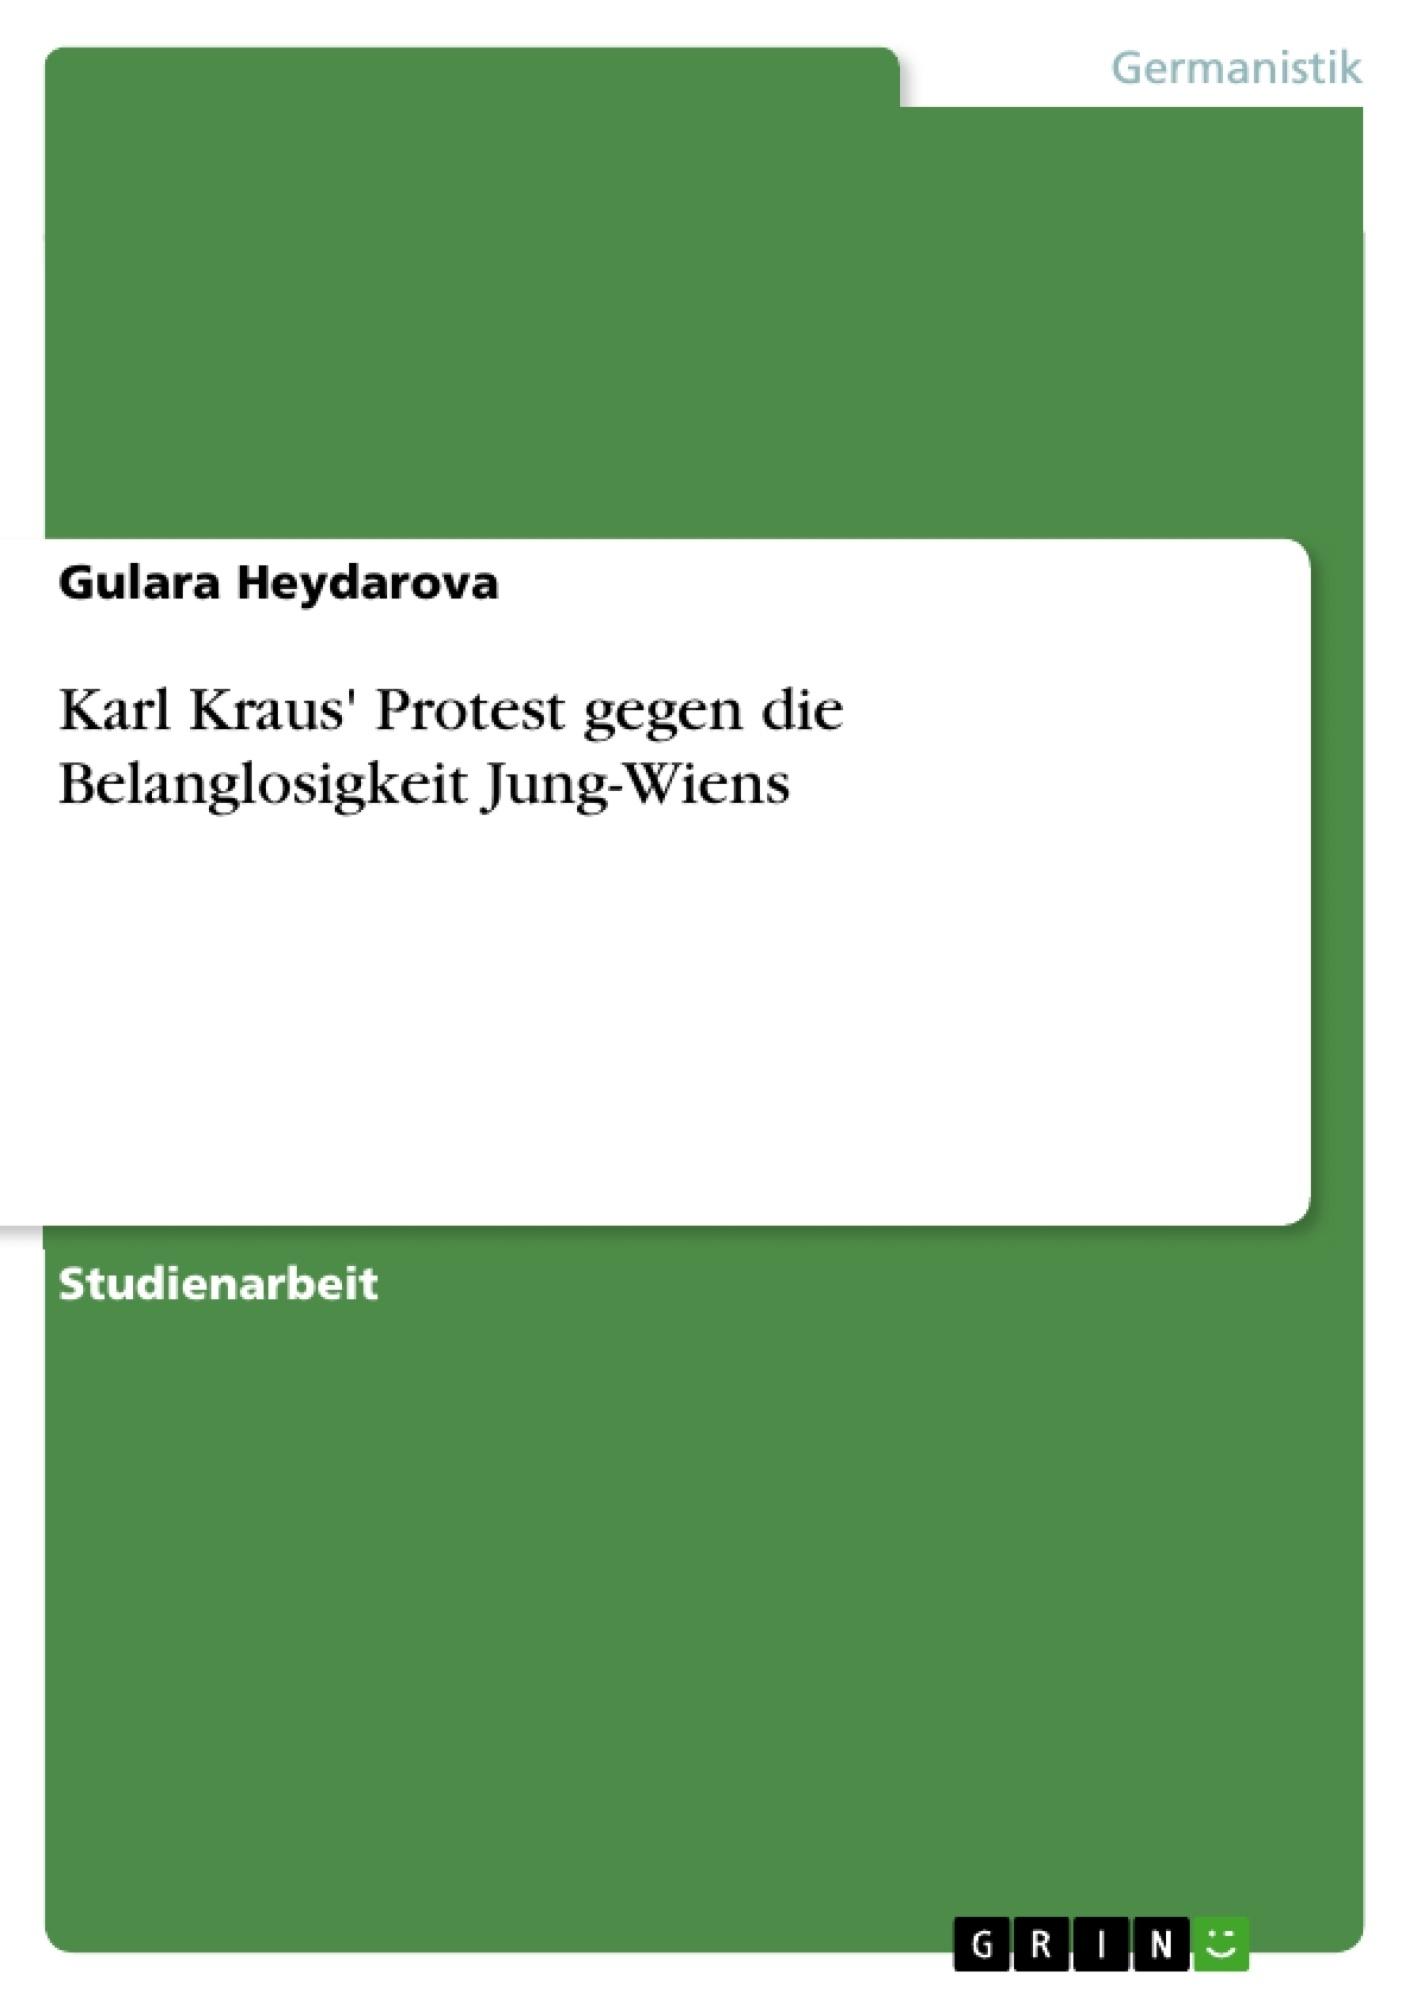 Titel: Karl Kraus' Protest gegen die Belanglosigkeit Jung-Wiens